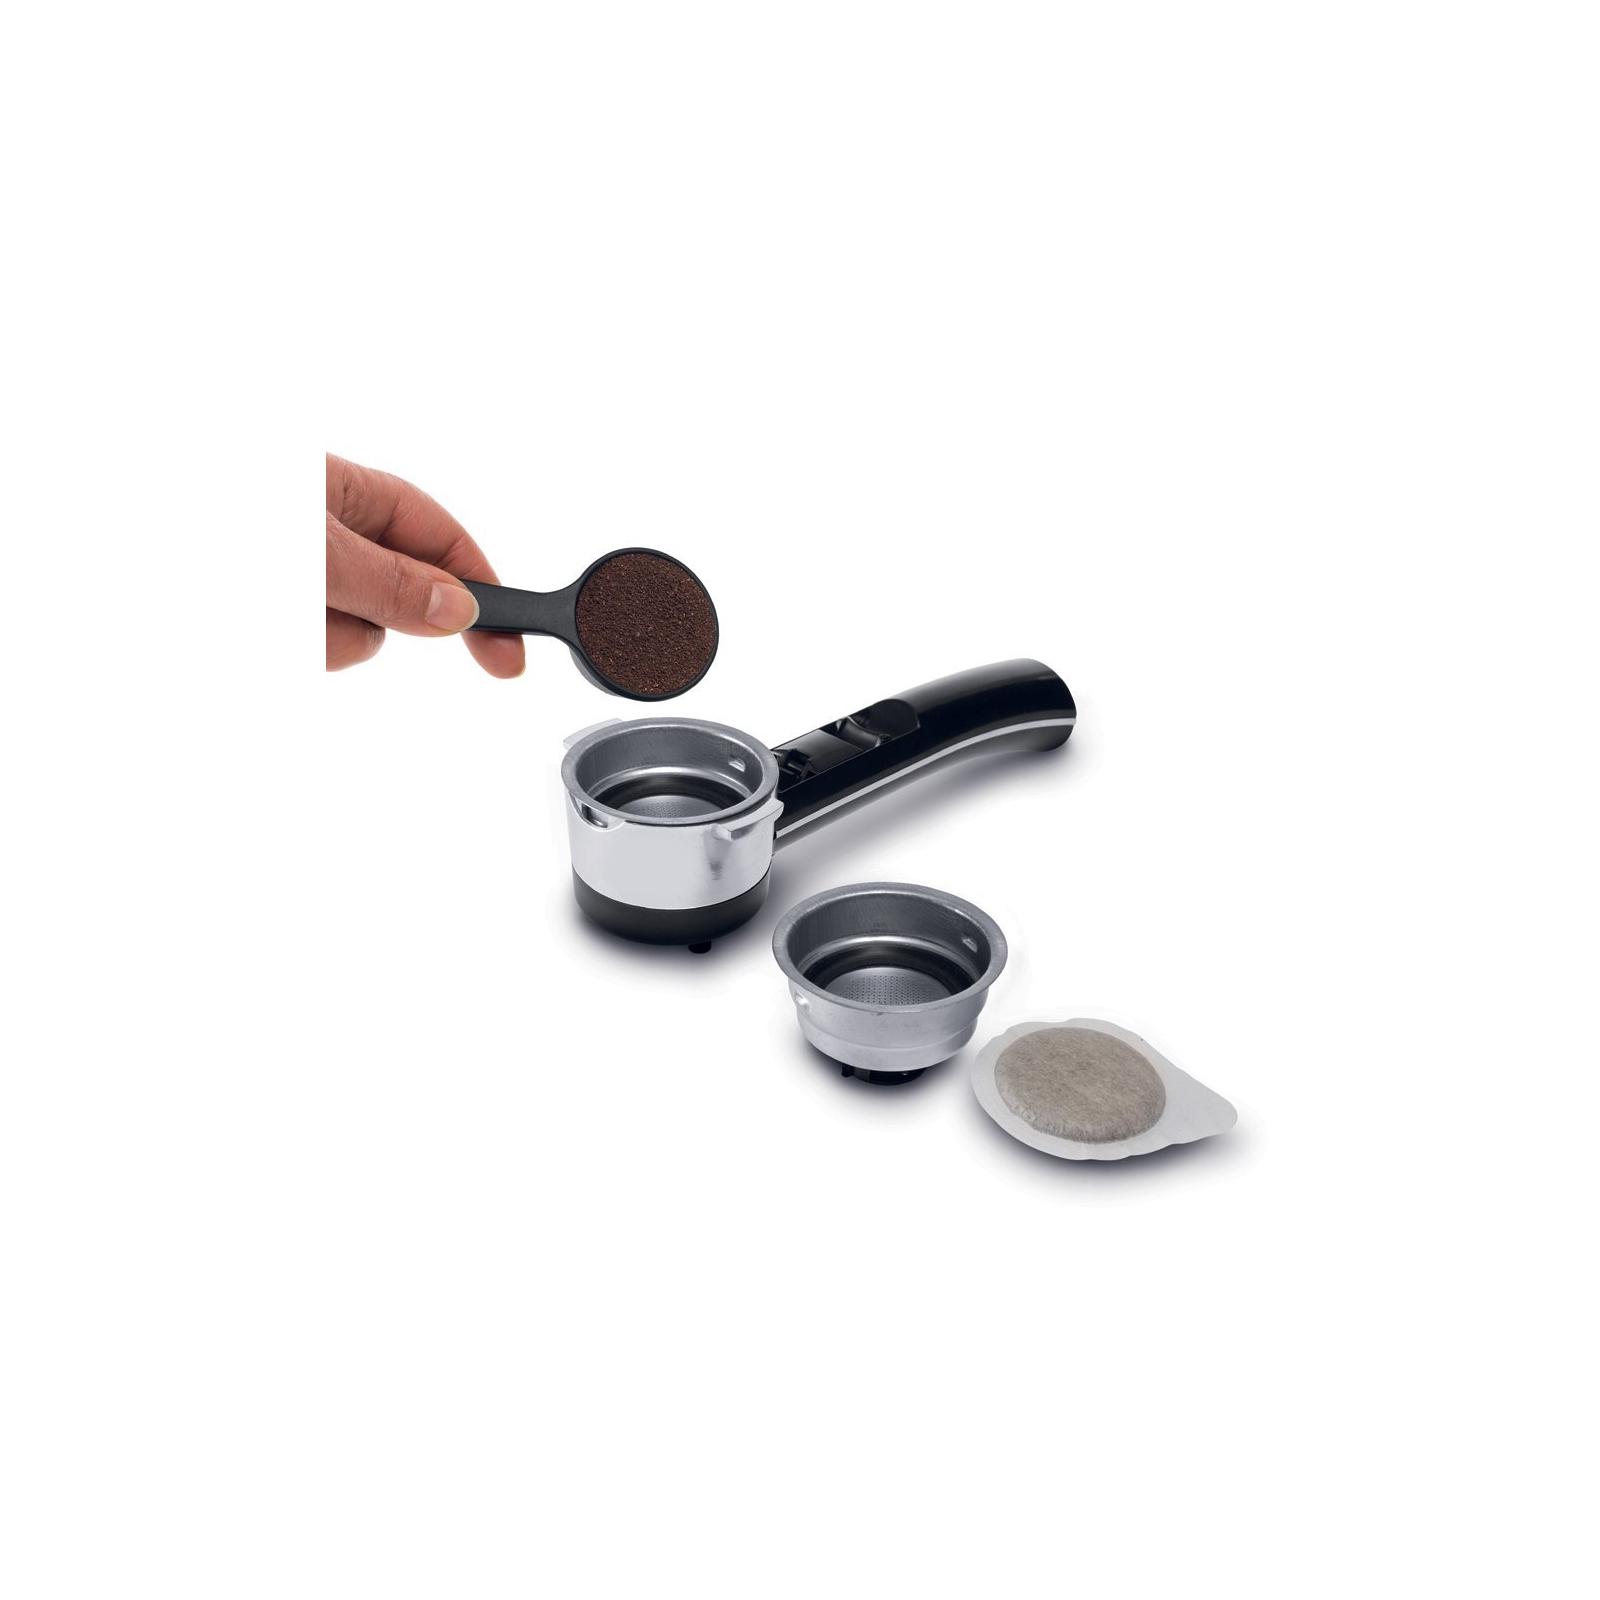 Кофеварка DeLonghi ECOV 310 BK (ECOV310BK) изображение 3